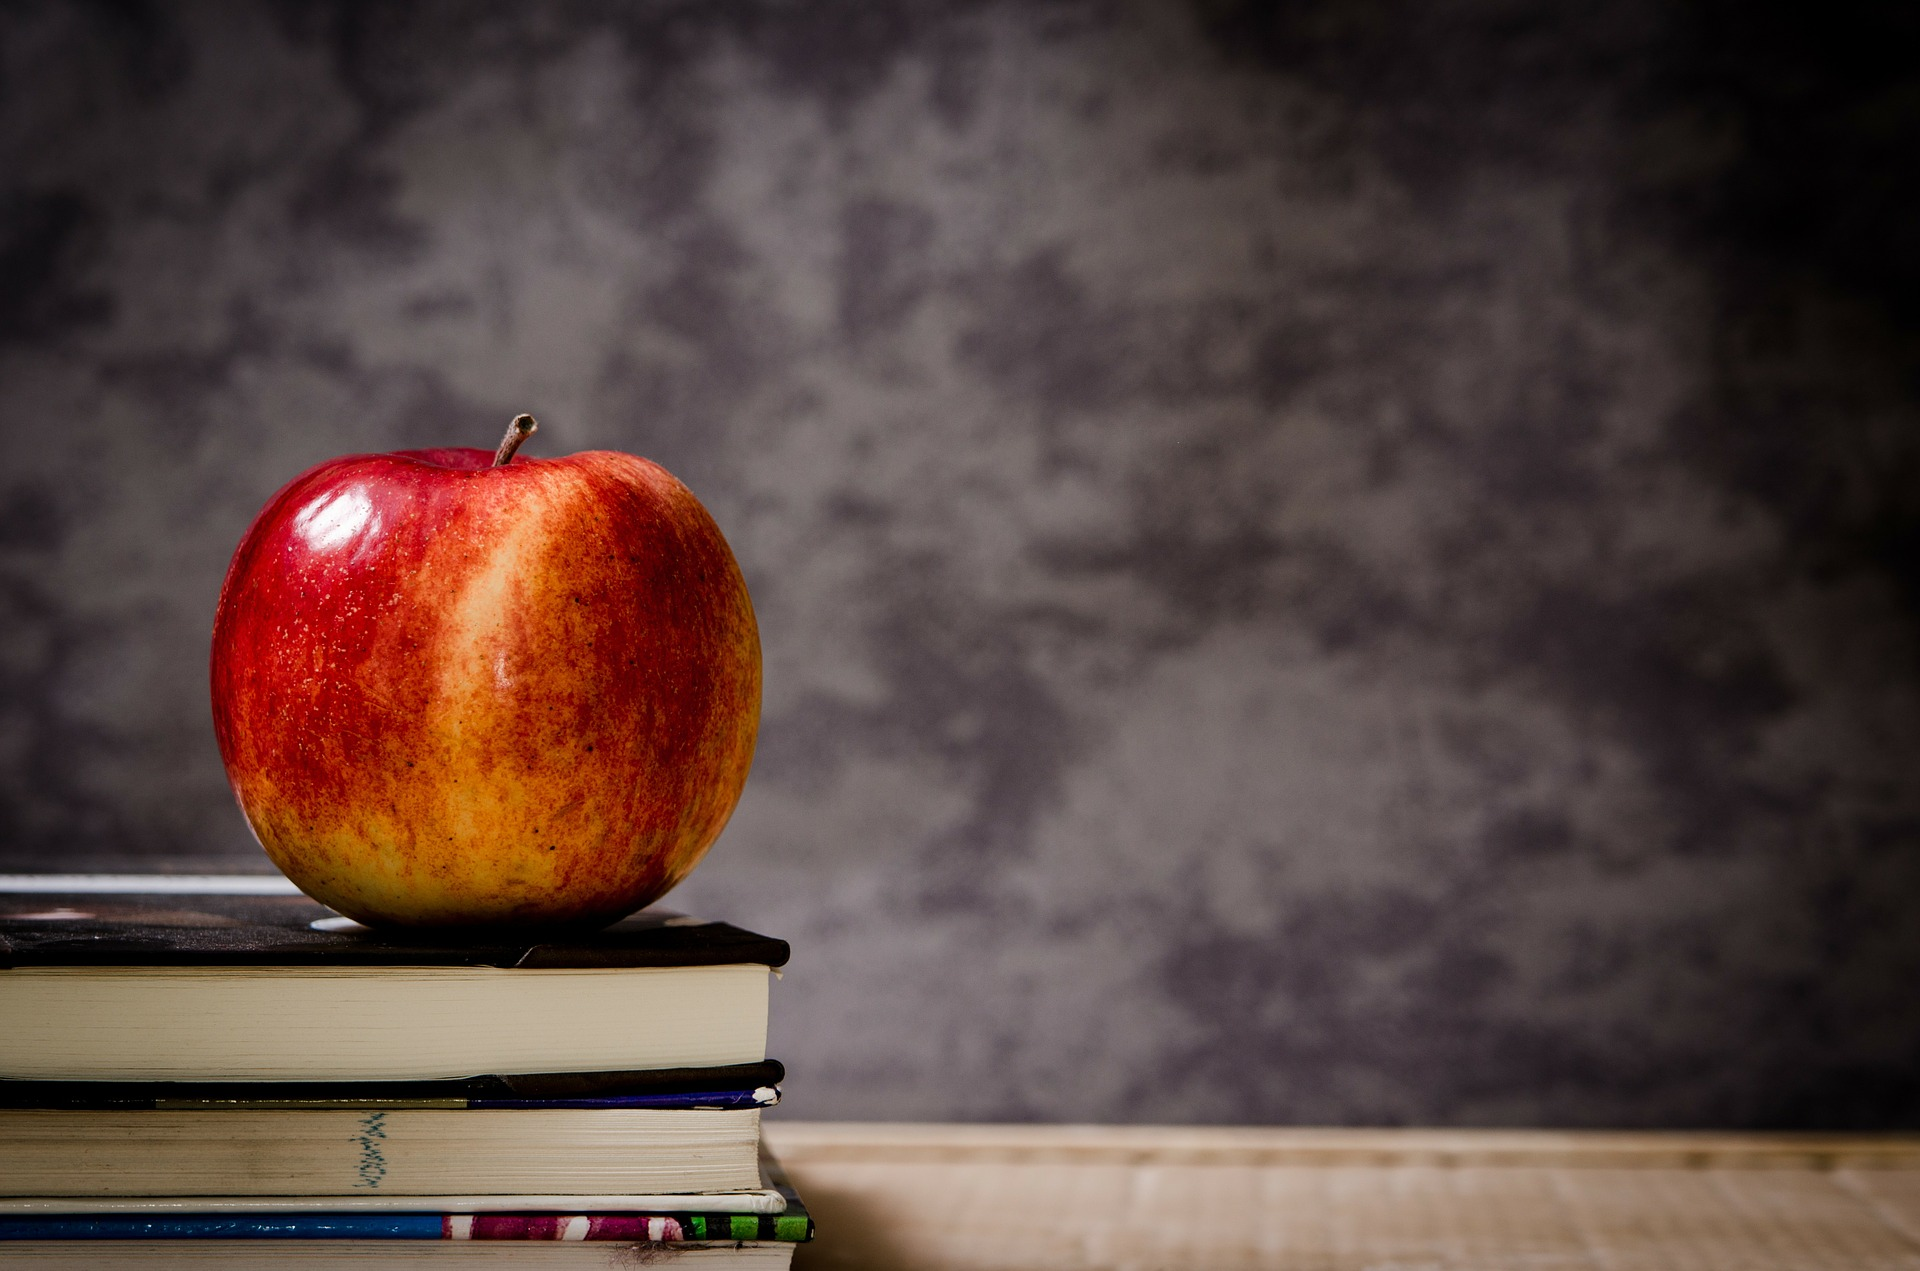 Tanulóközösség vagy tanuló közösség? Mindkettő!